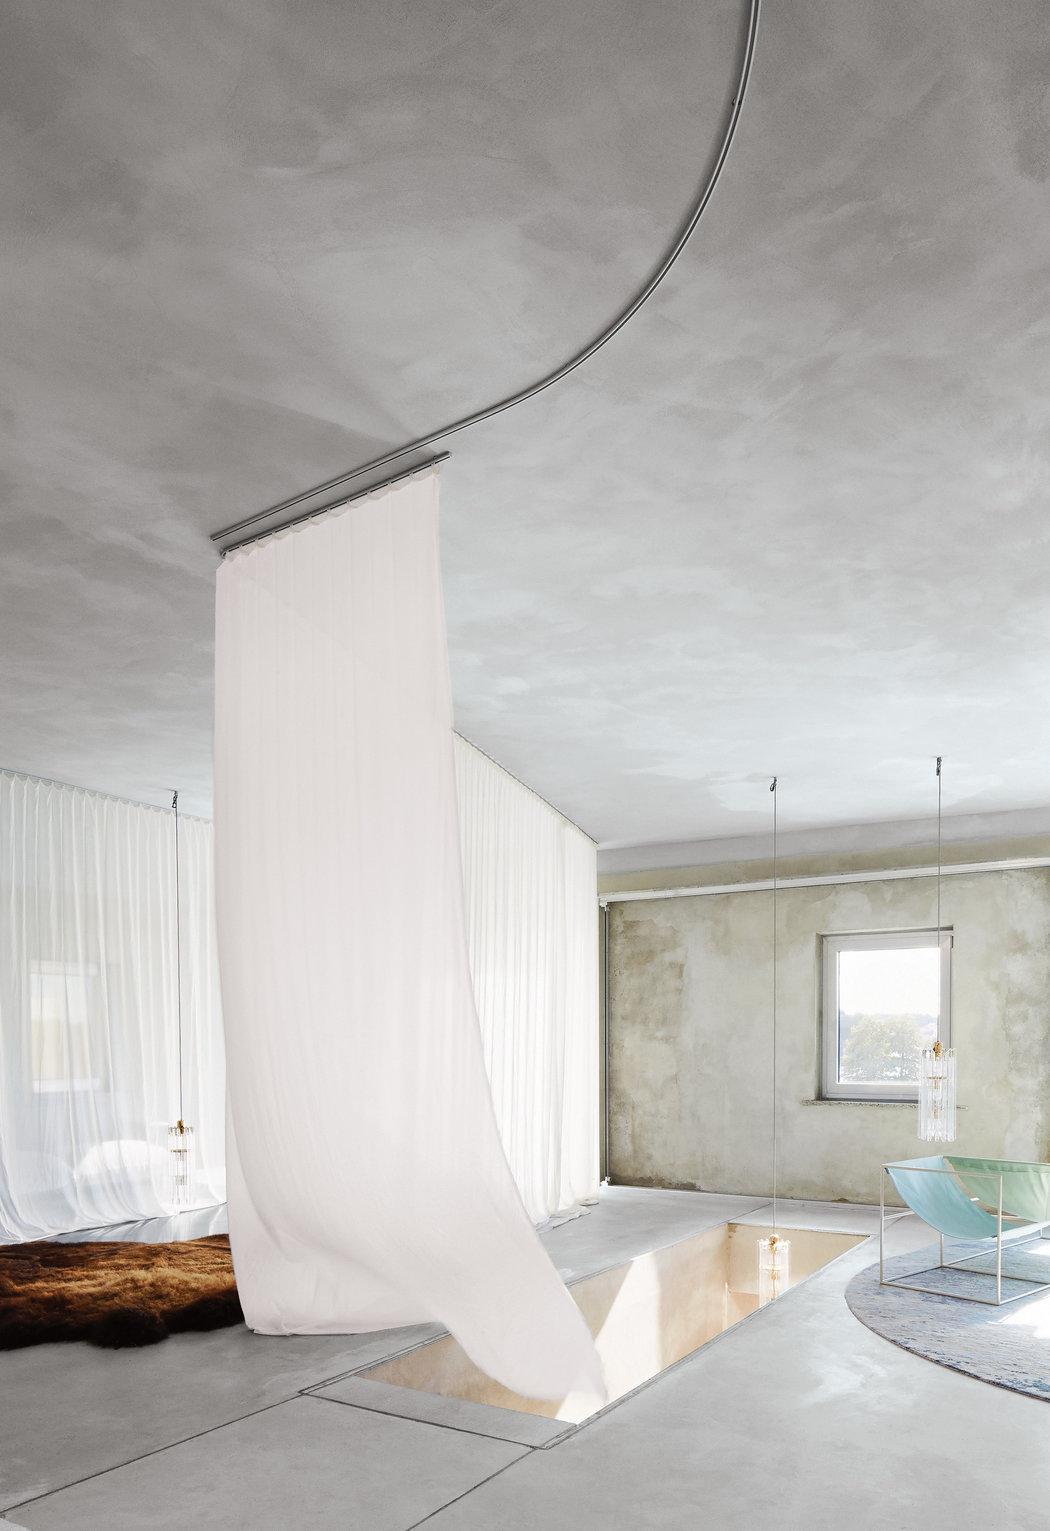 brutalist-architecture-slide-CMGB-master1050.jpg